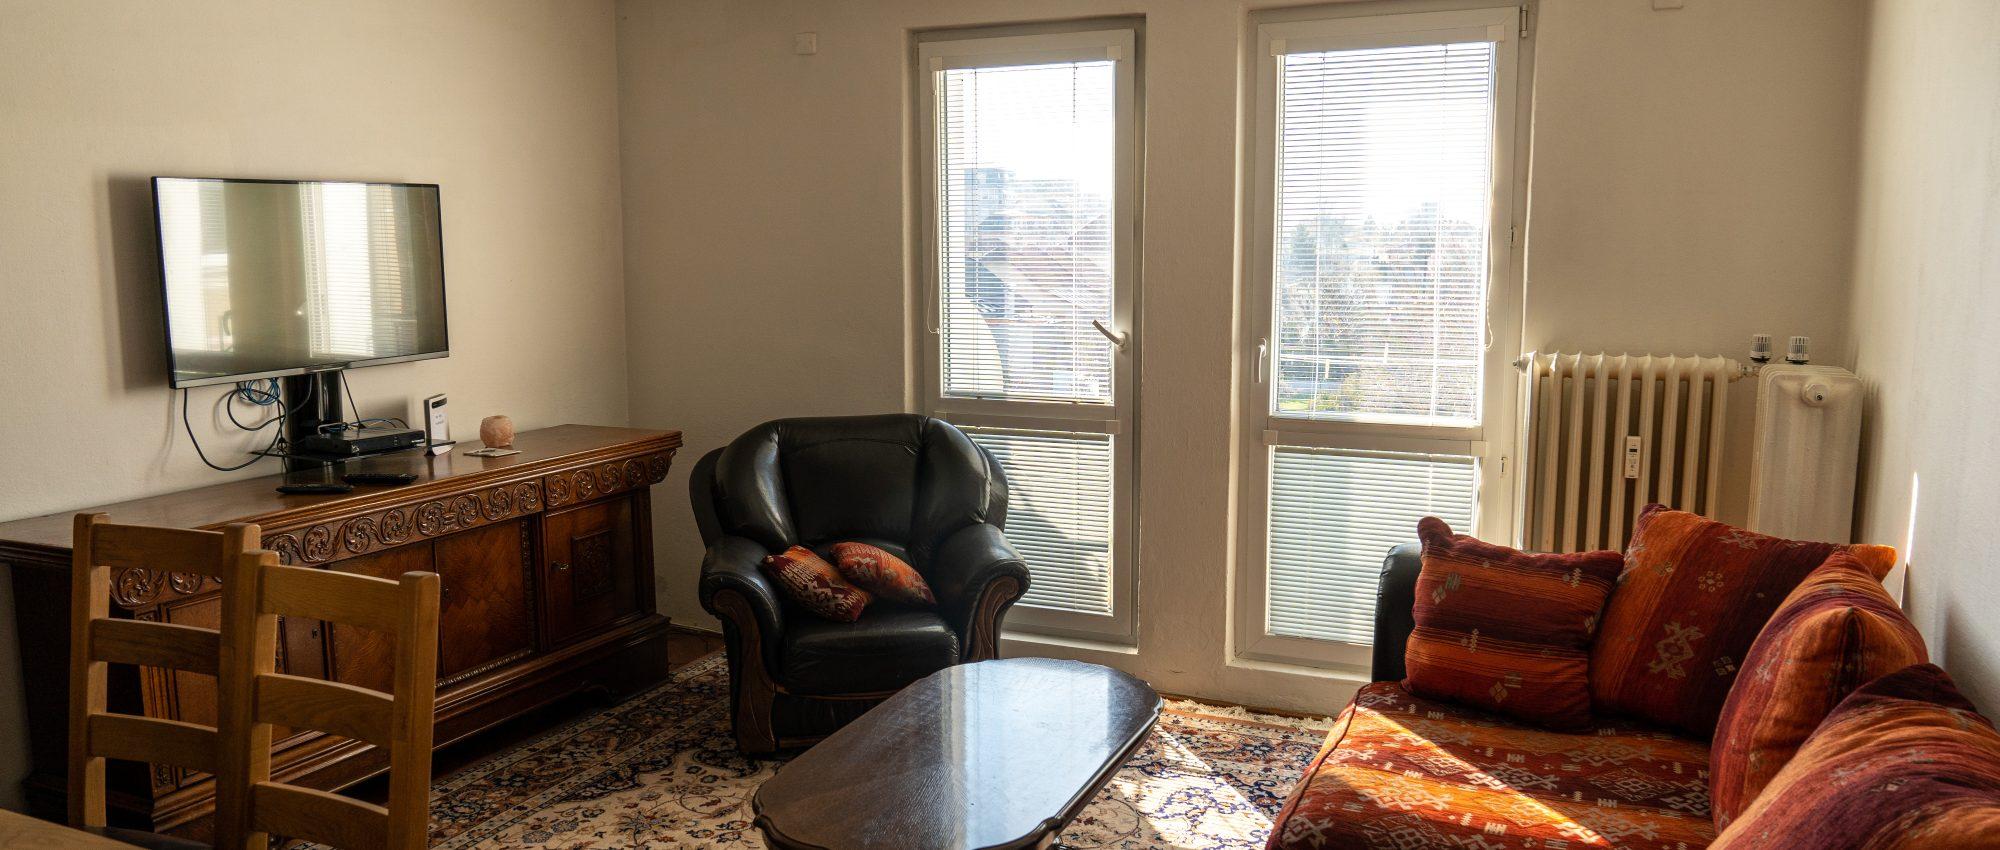 REZERVOVANÉ – 3 izbový byt v širšom centre mesta s parkovacím státím